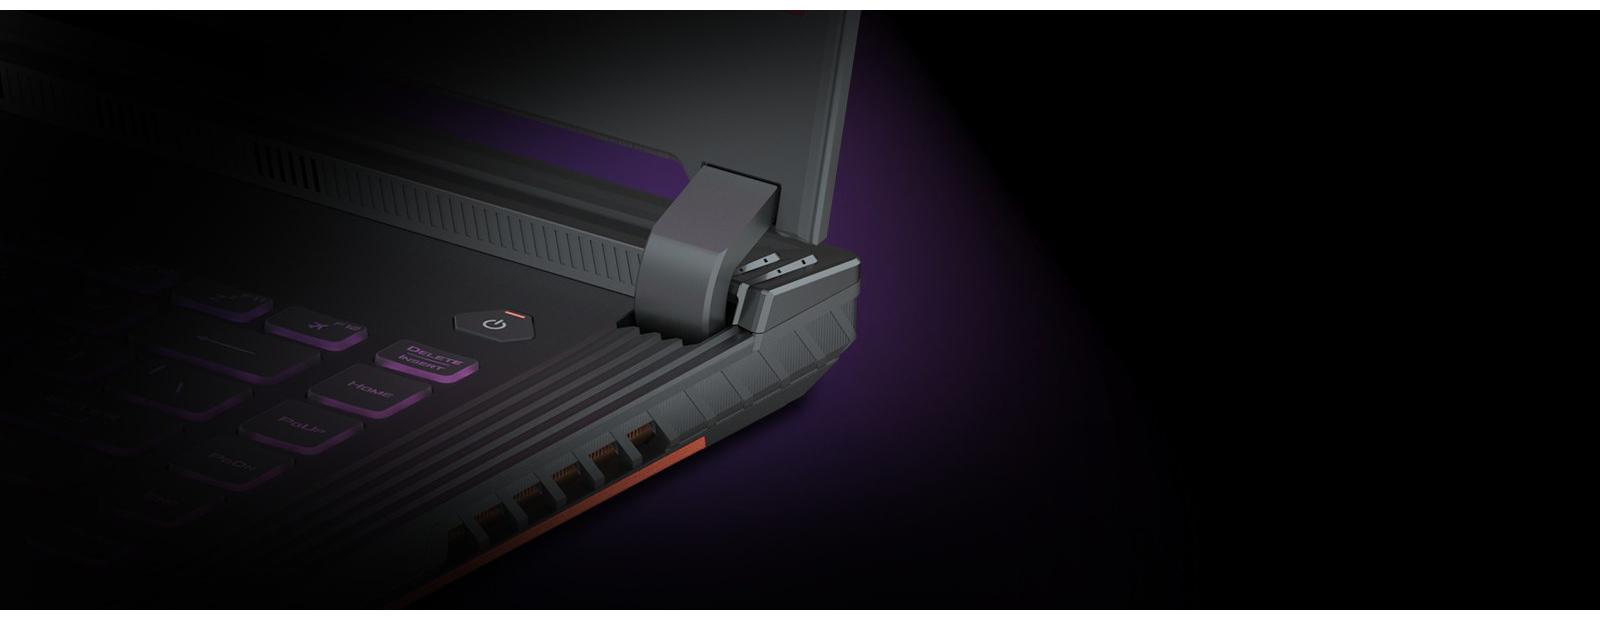 Asus Gaming ROG Strix G512-8